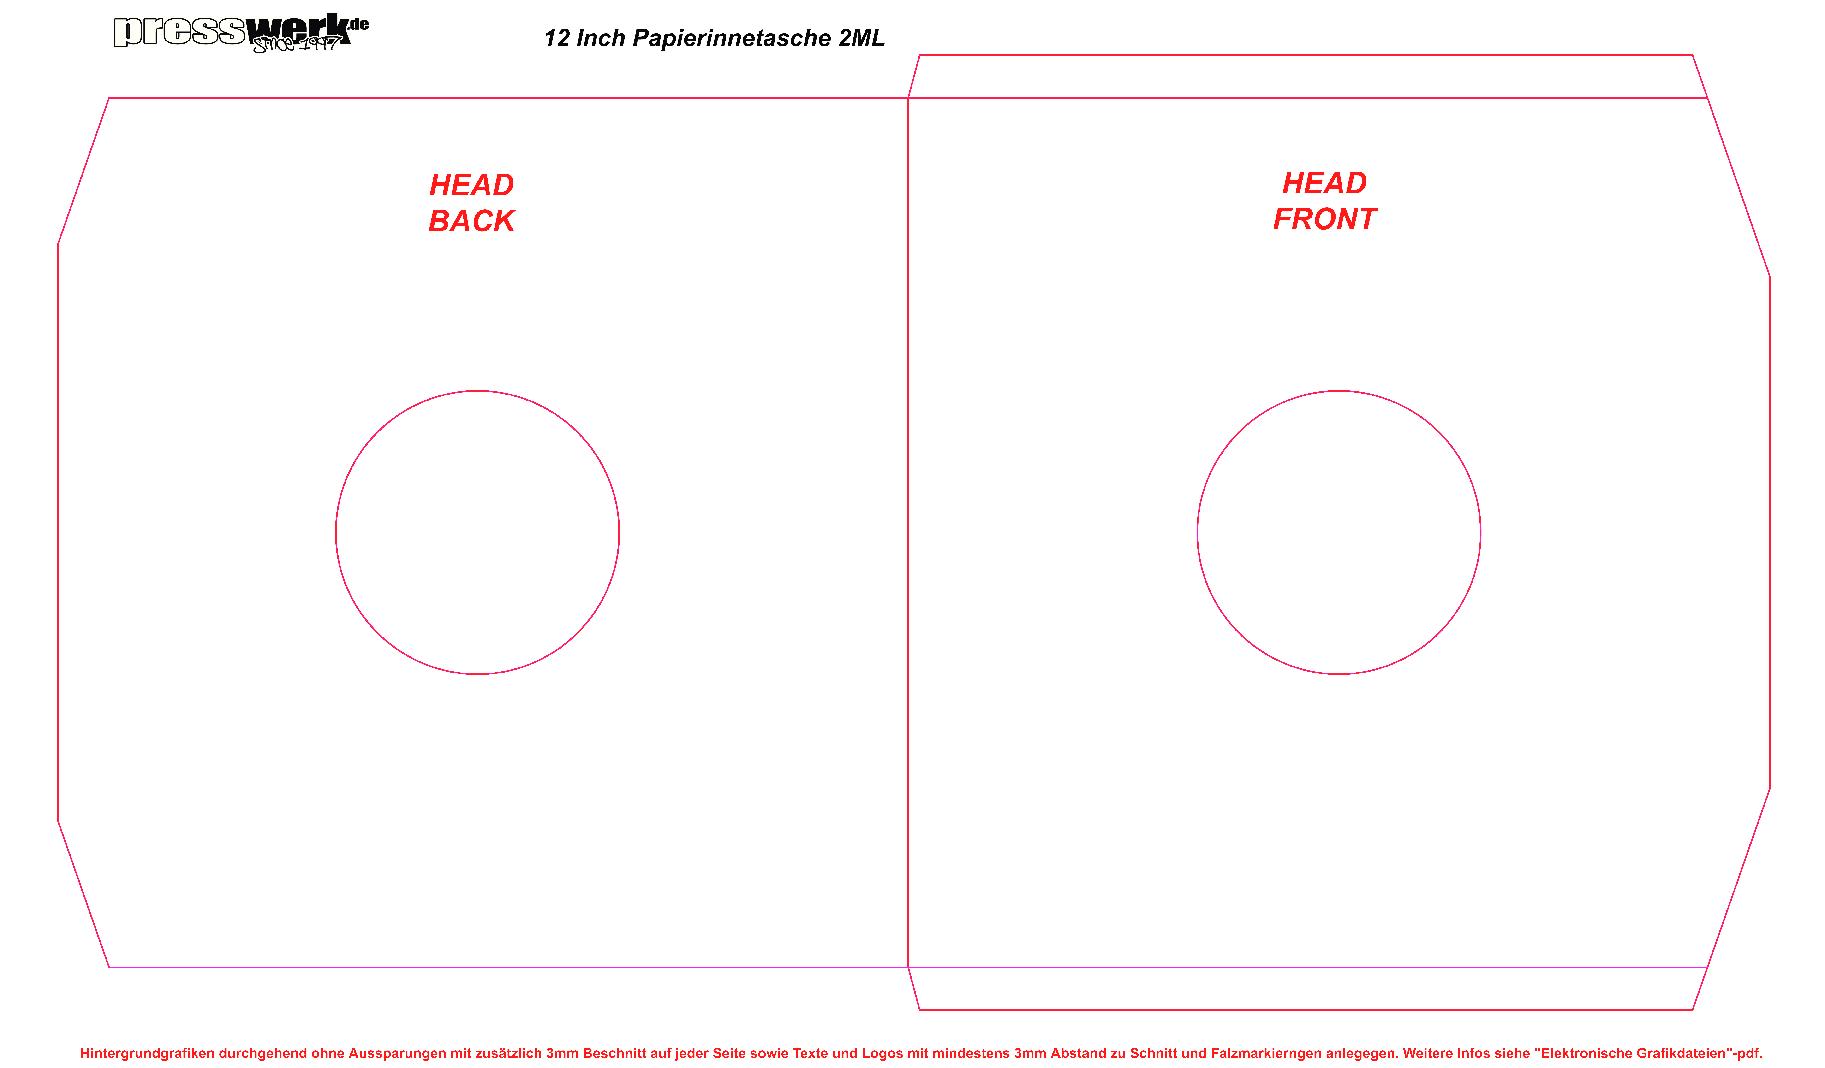 presswerk_de_12-Innentasche-2ML_template_300dpiCMYK.pdf